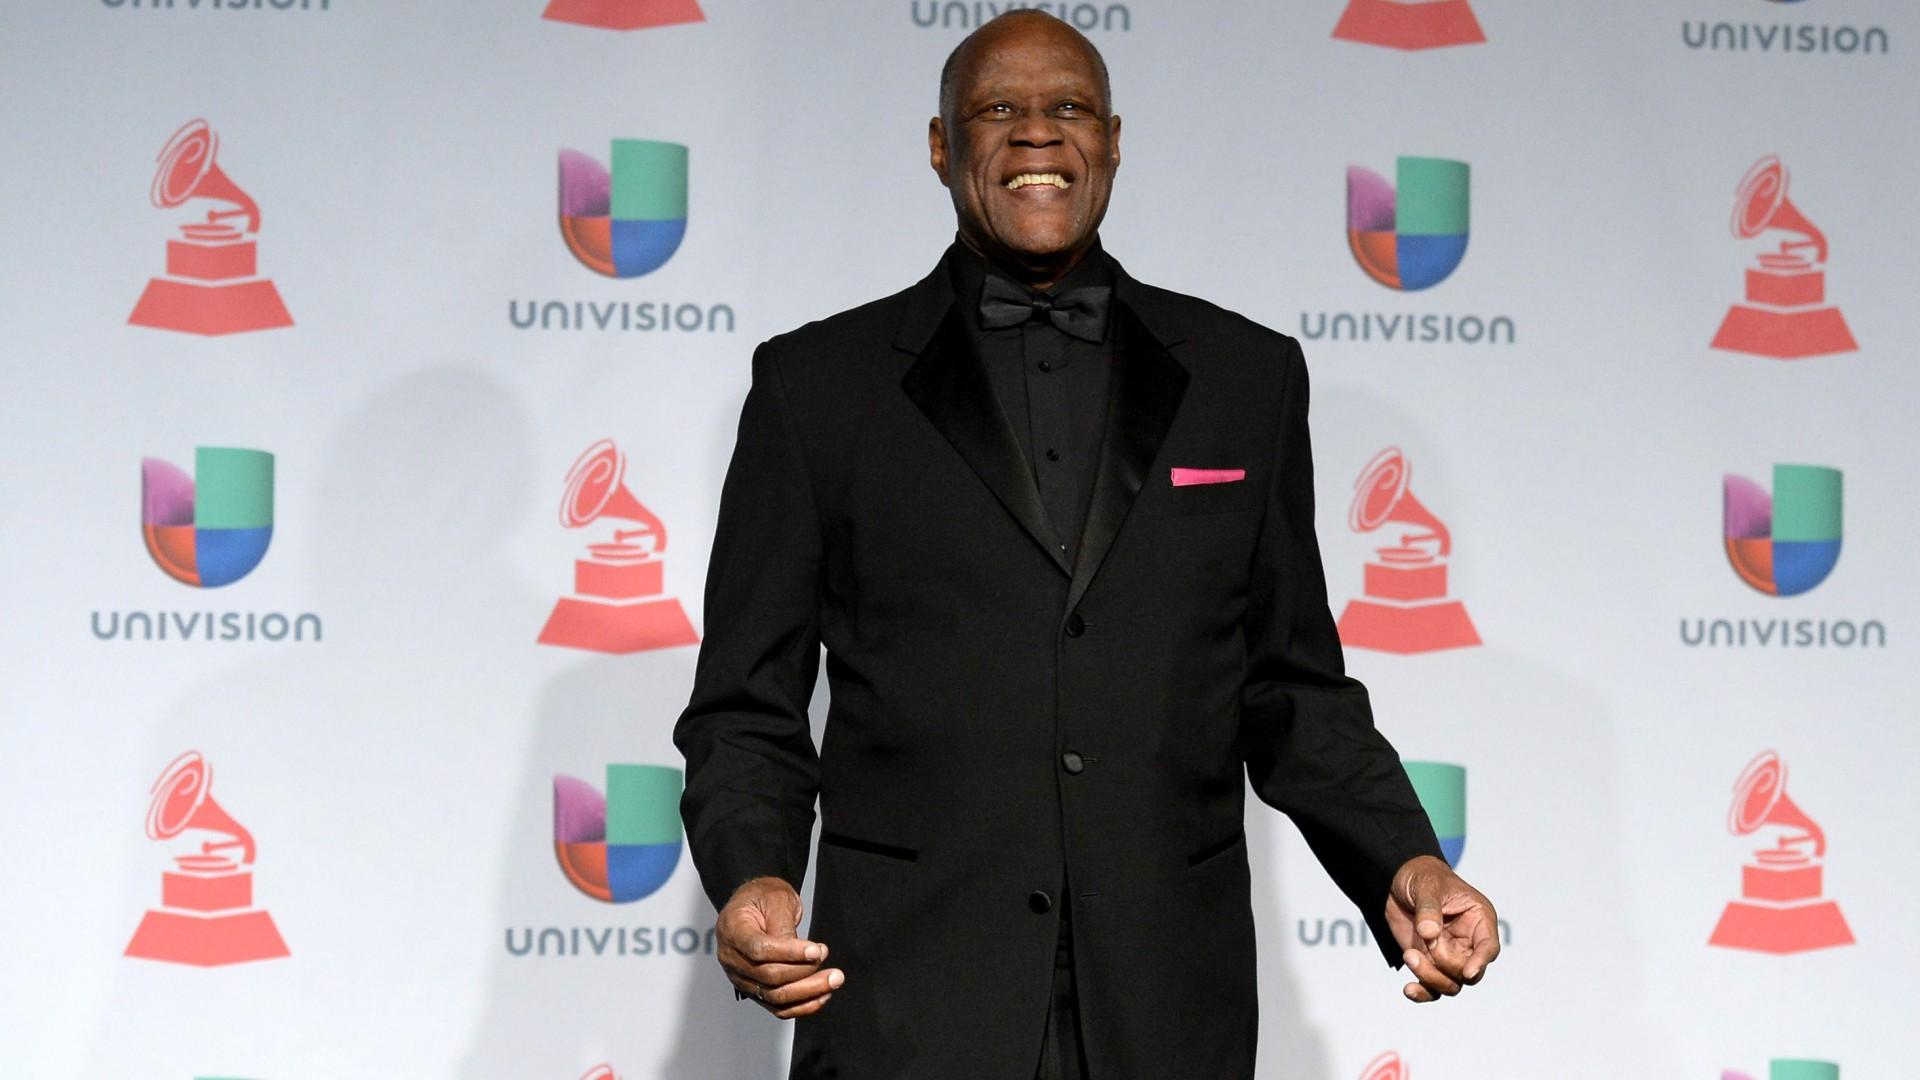 República Dominicana usará el merengue como su marca